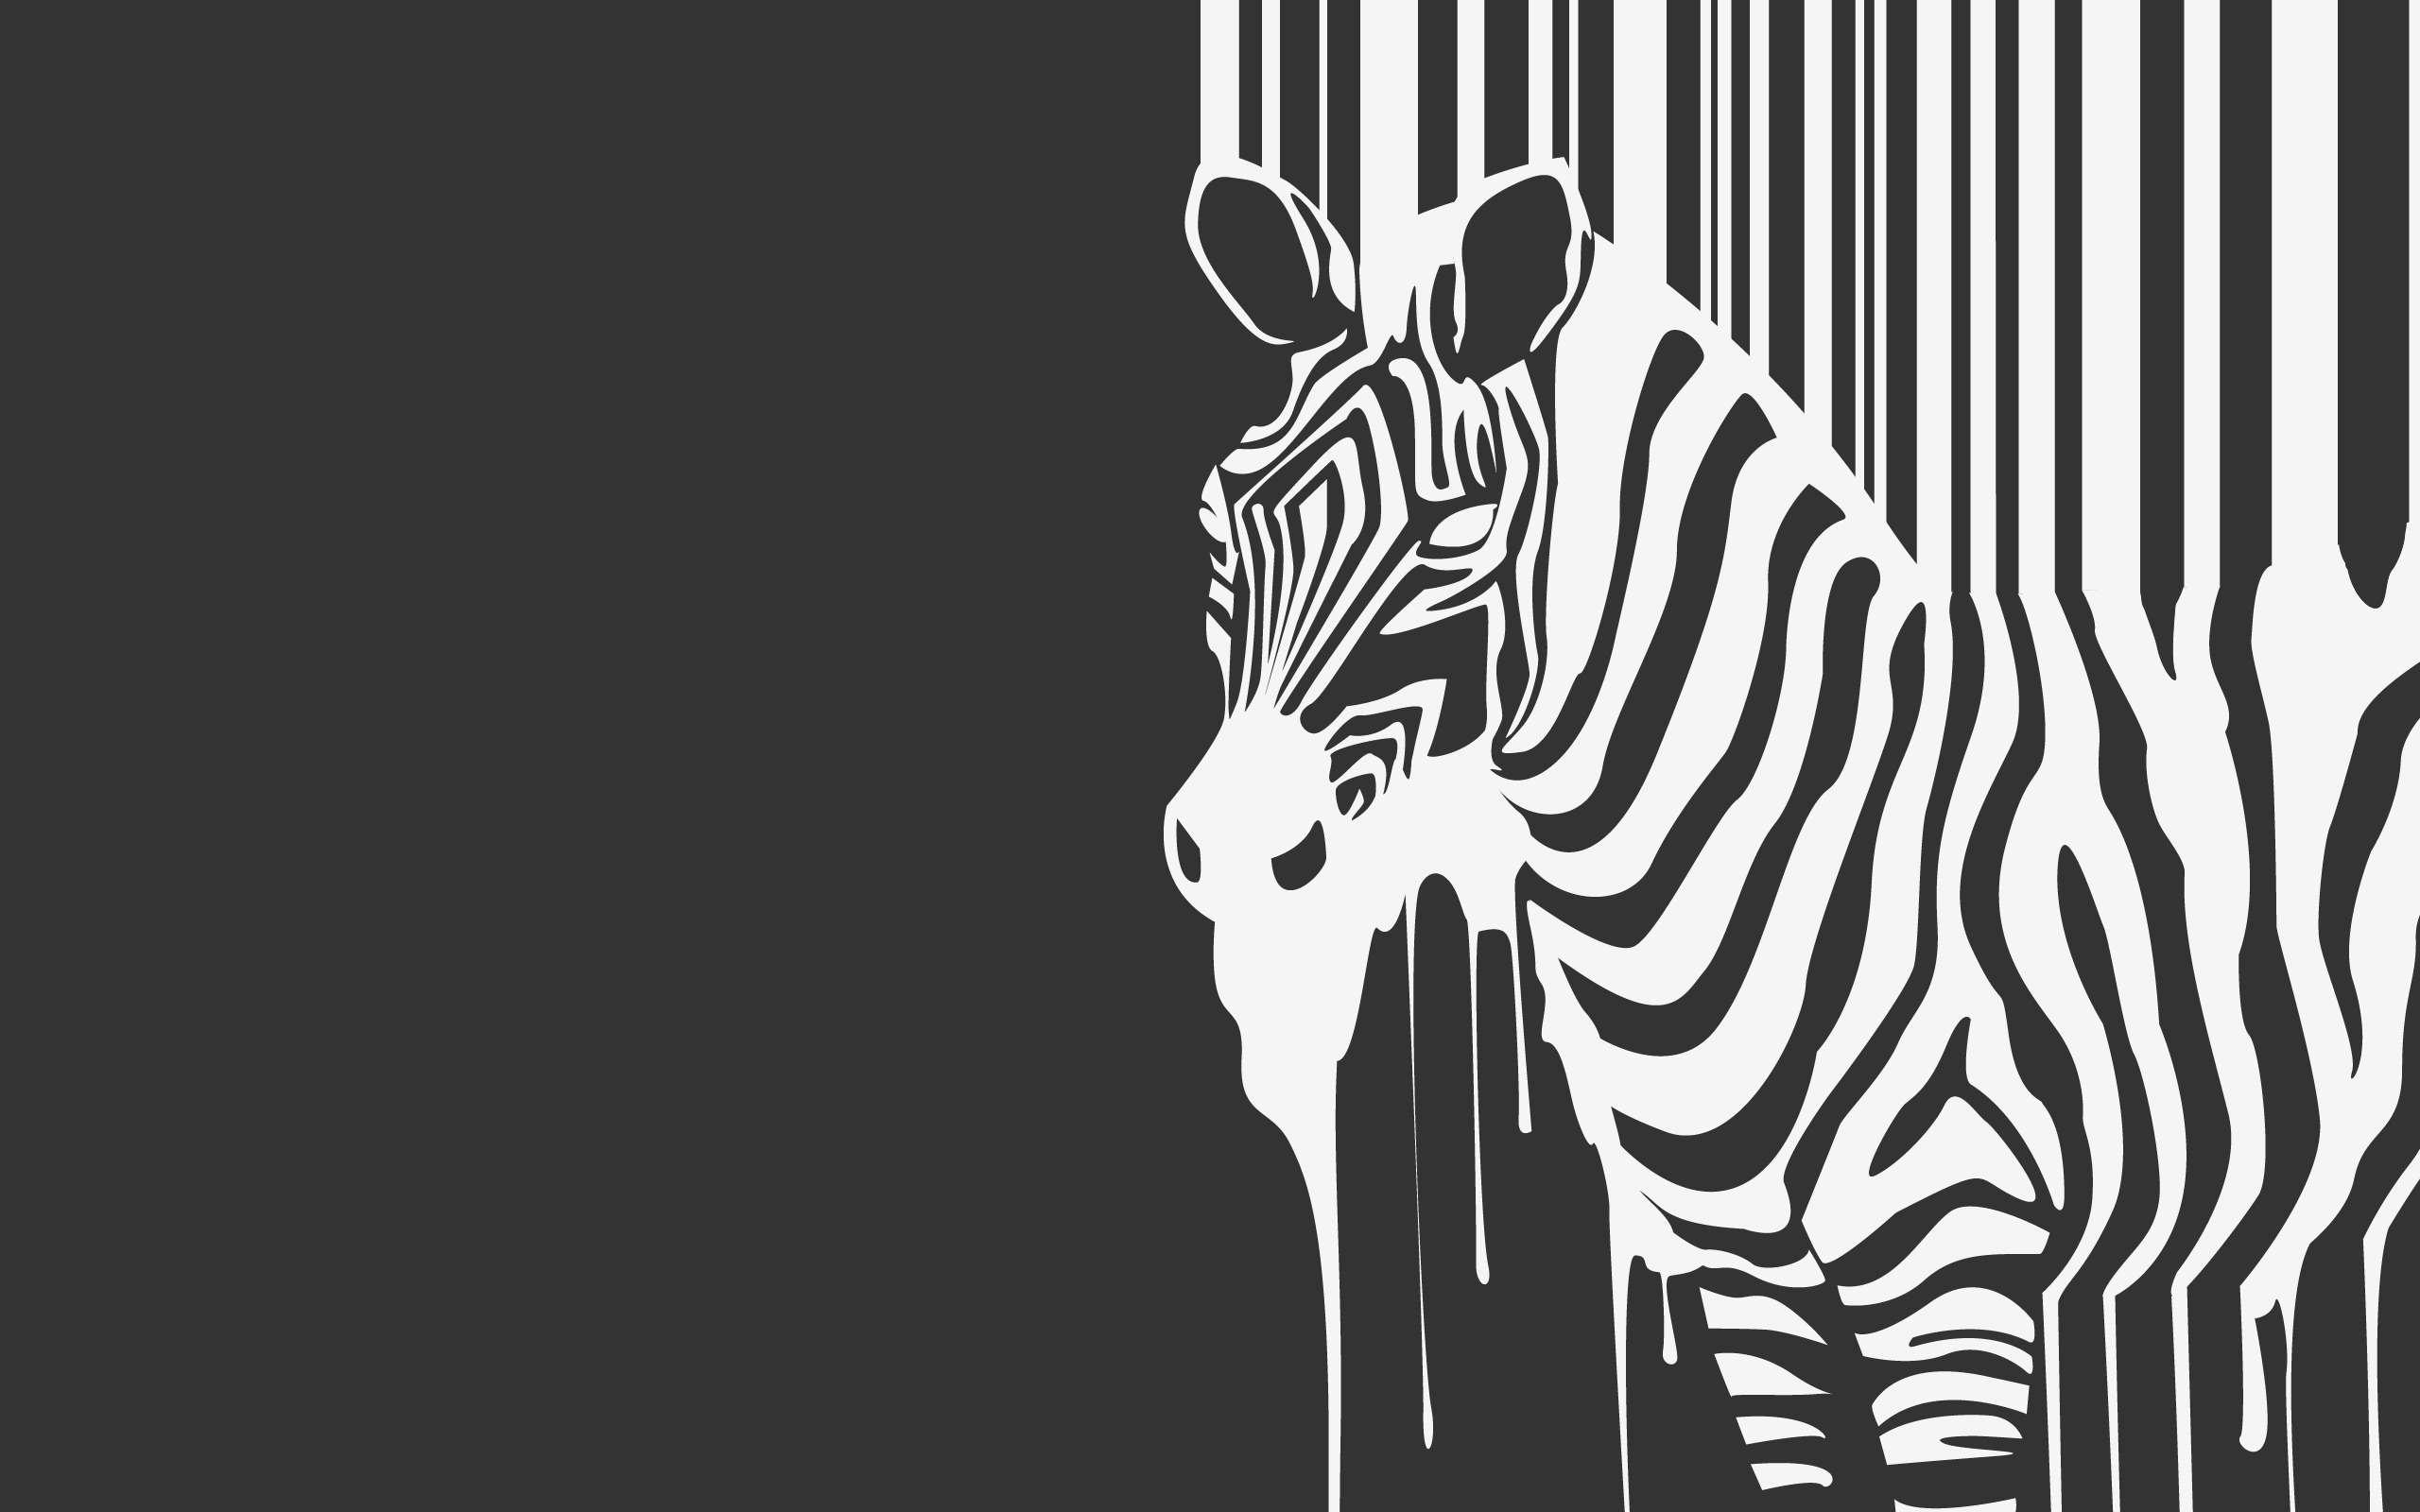 дизайн зебра фото